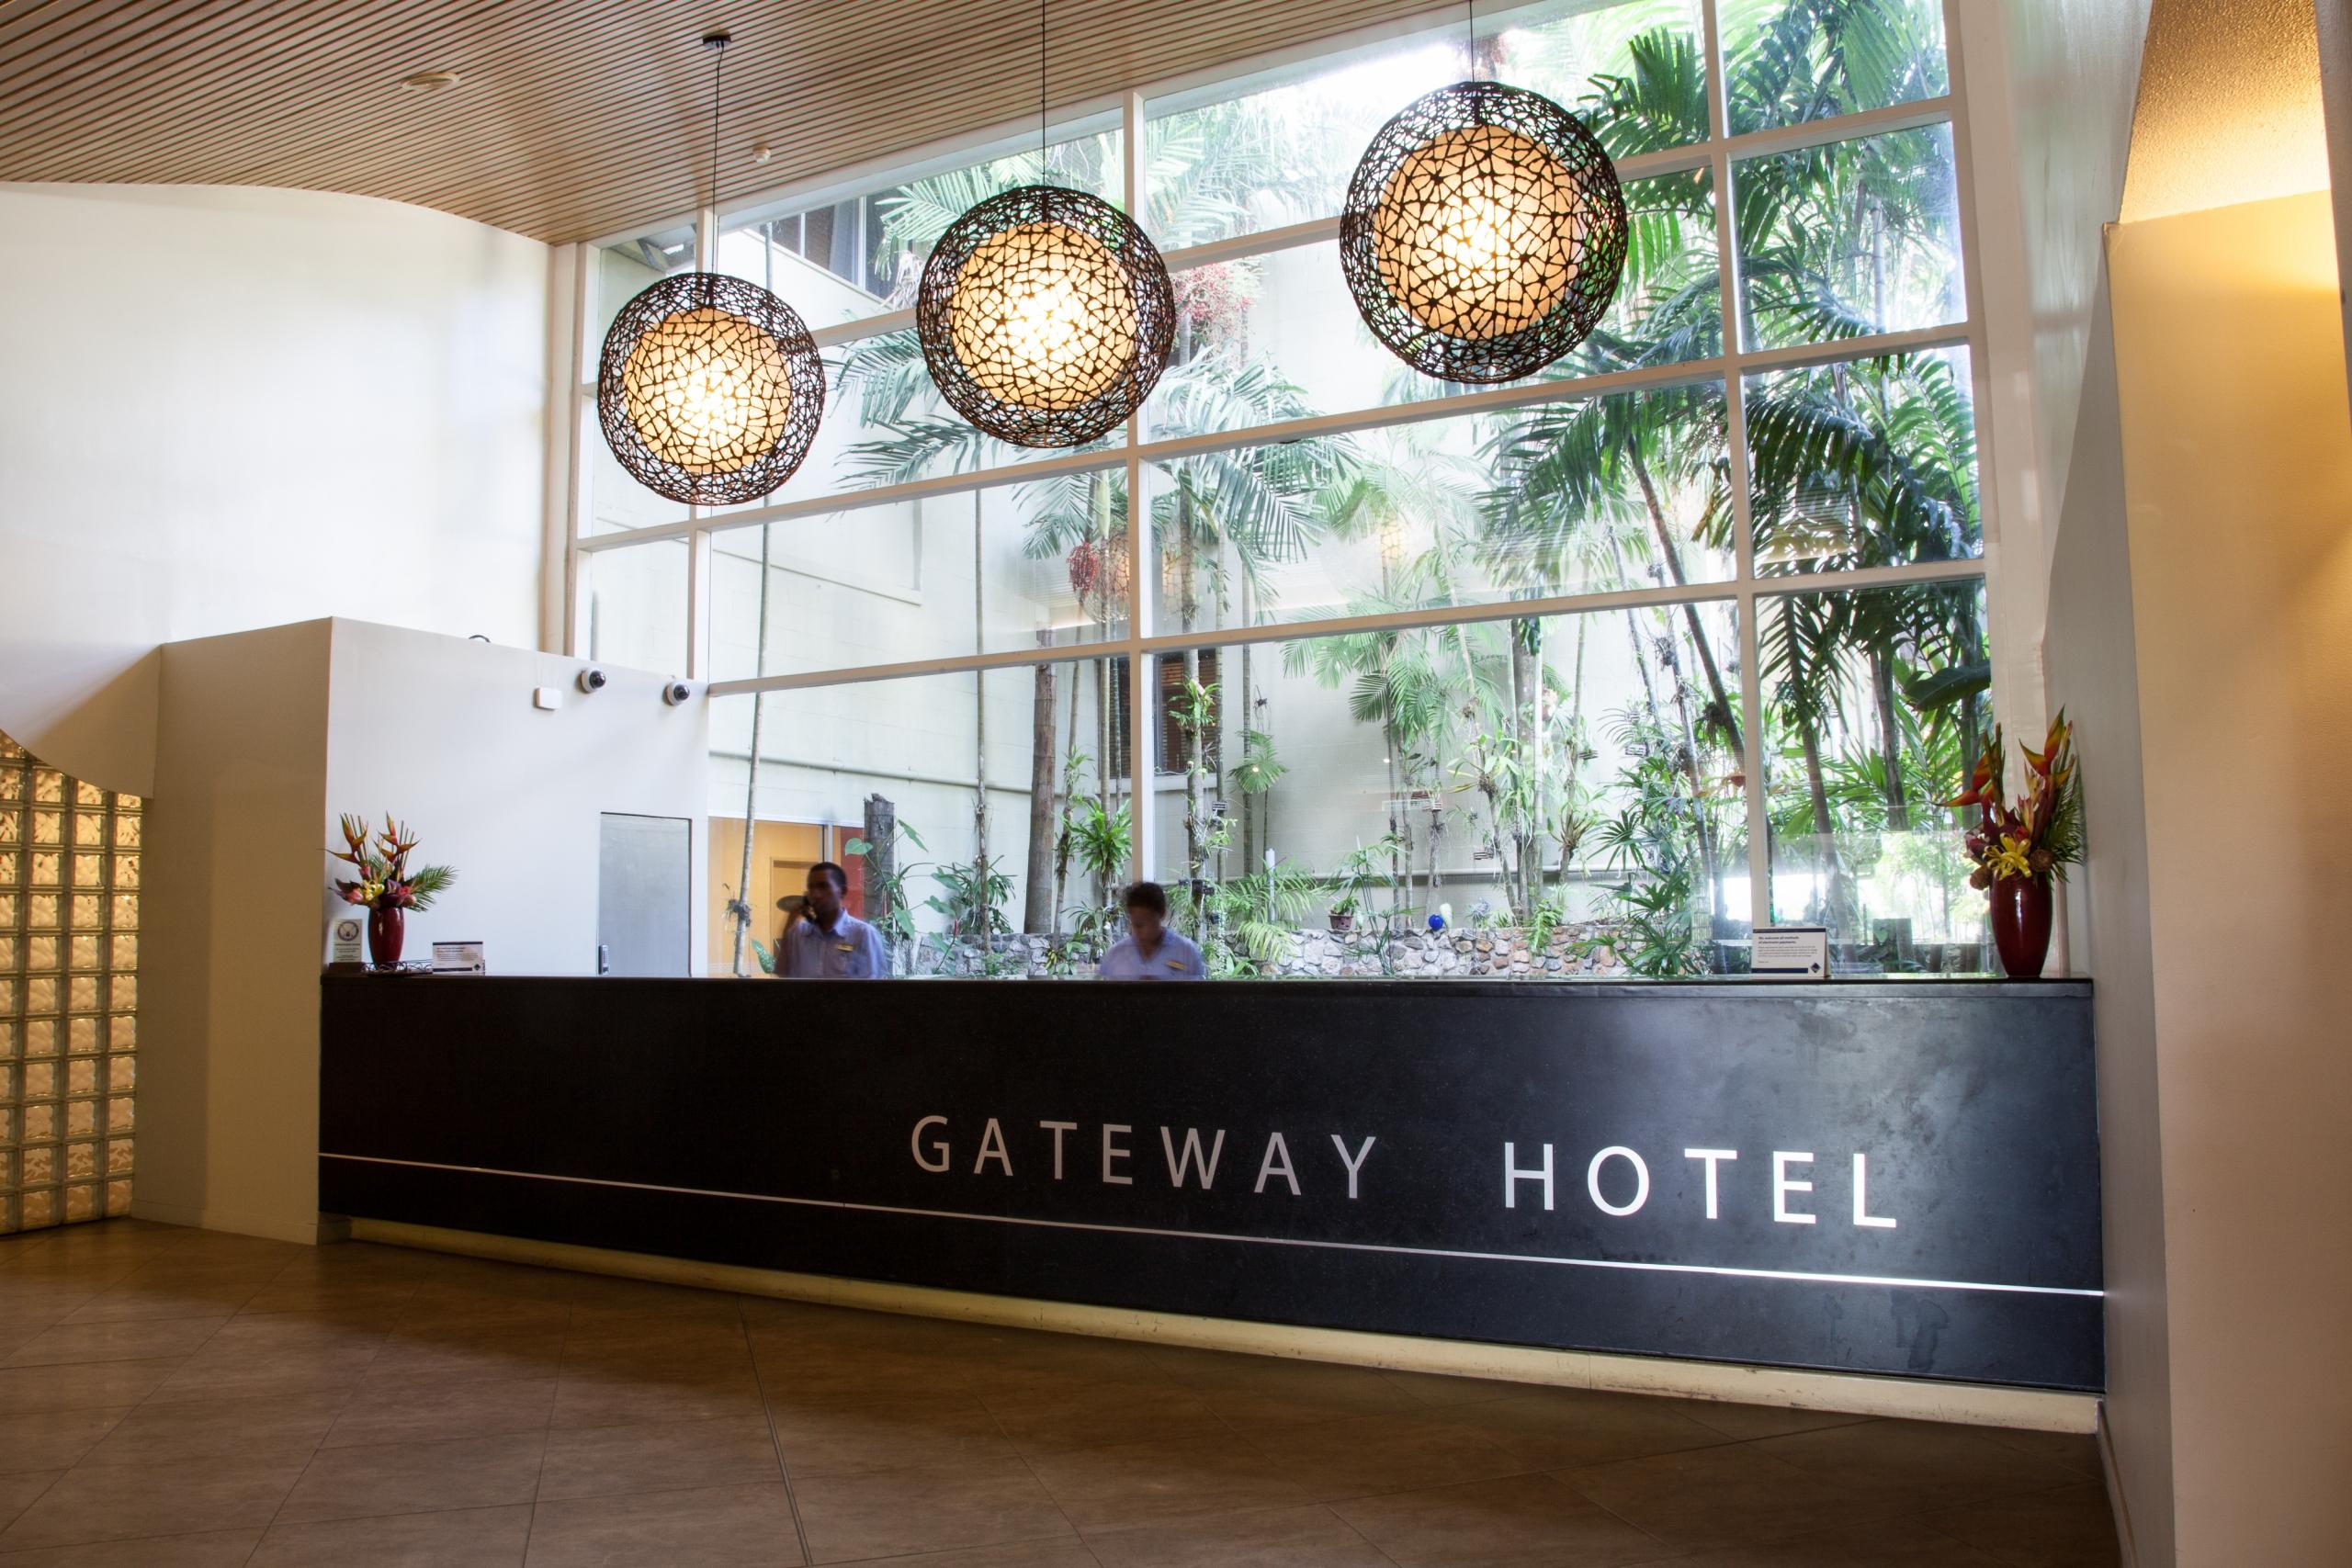 Gateway Hotel Reception